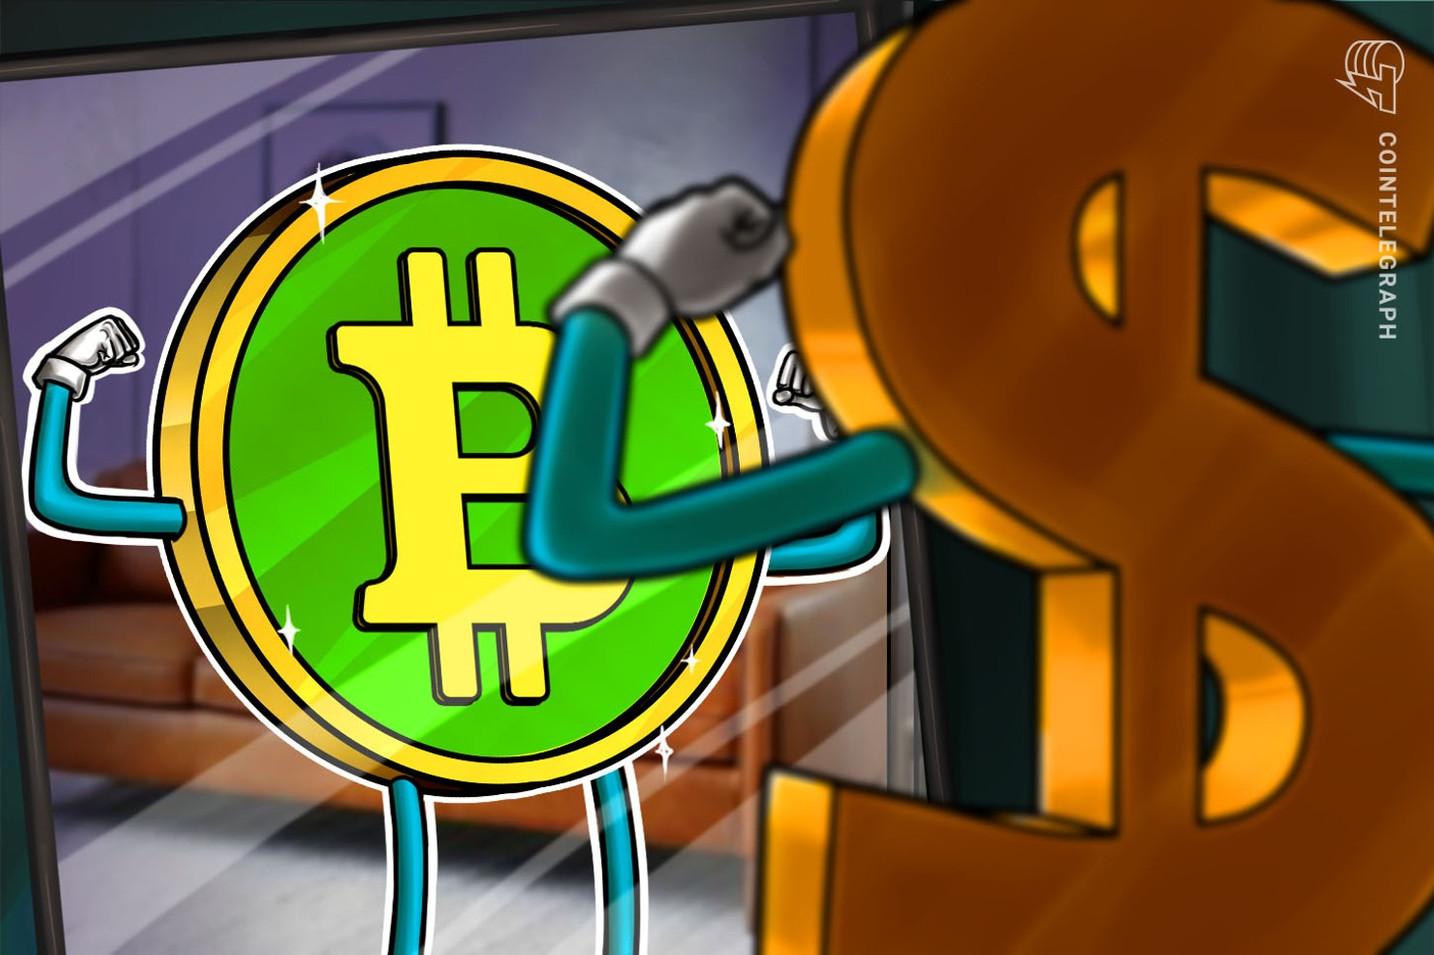 ビットコインキャッシュのマイニング報酬は5%に|予定より徴収額引き下げ【ニュース】